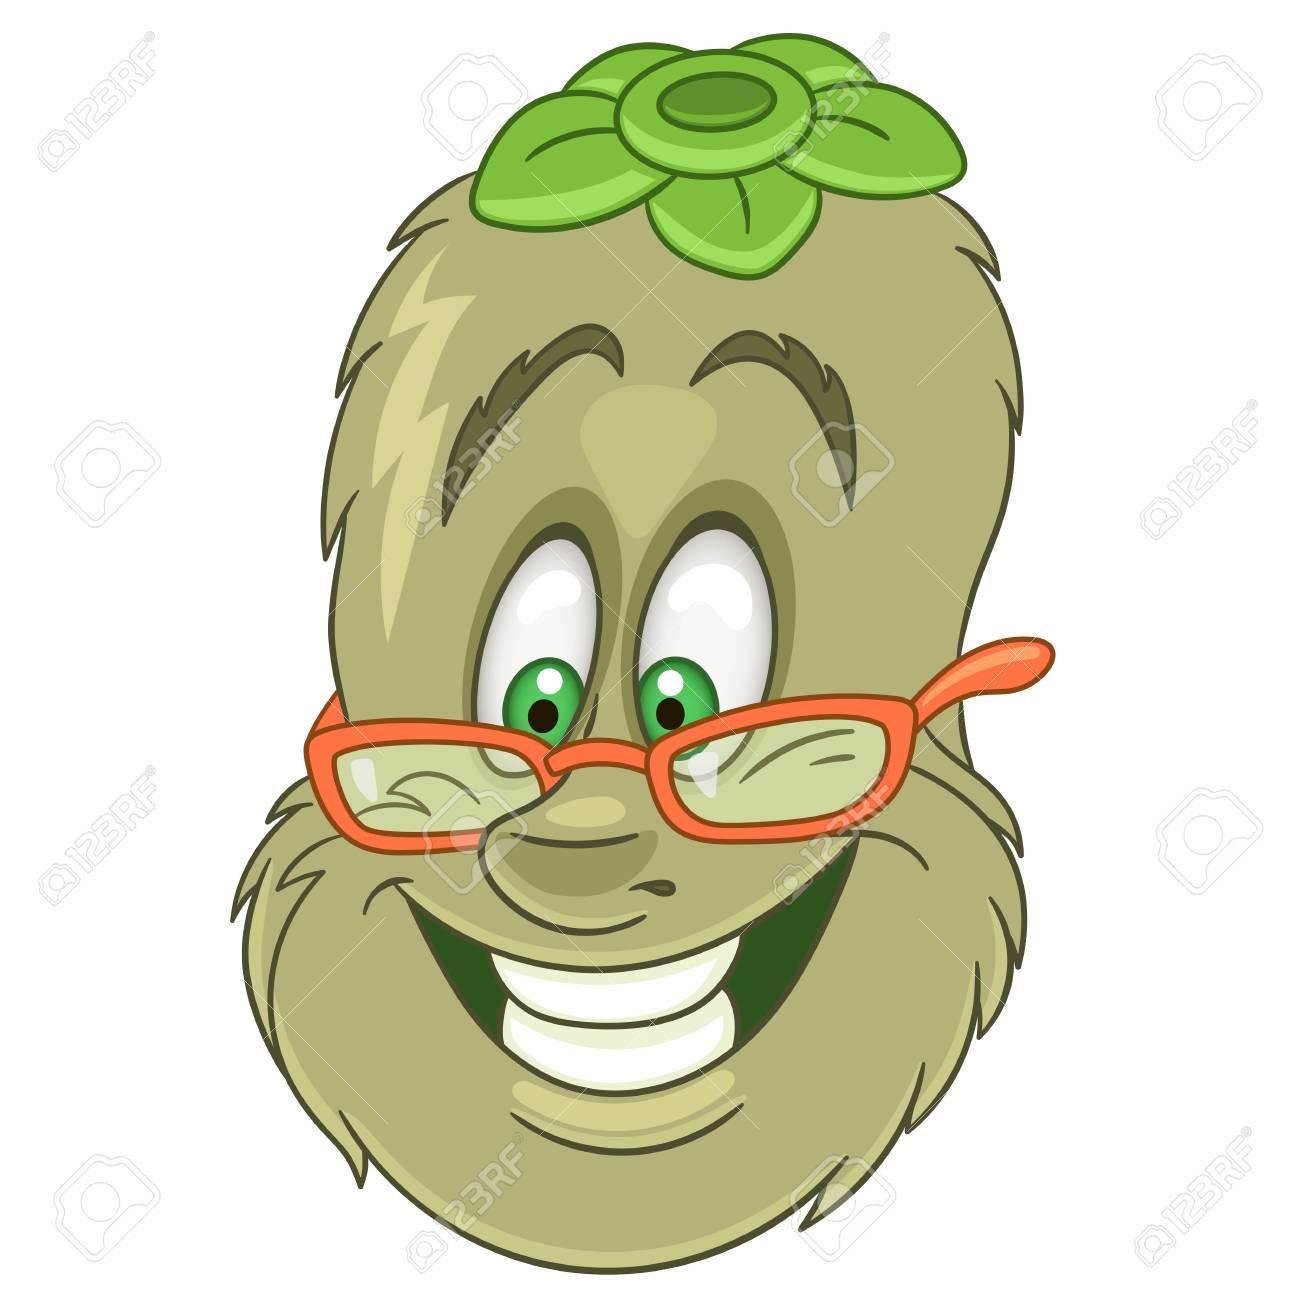 Coloriage Kiwi Fruit.Personnage De Dessin Anime Kiwi Symbole De Fruits Heureux Icone De